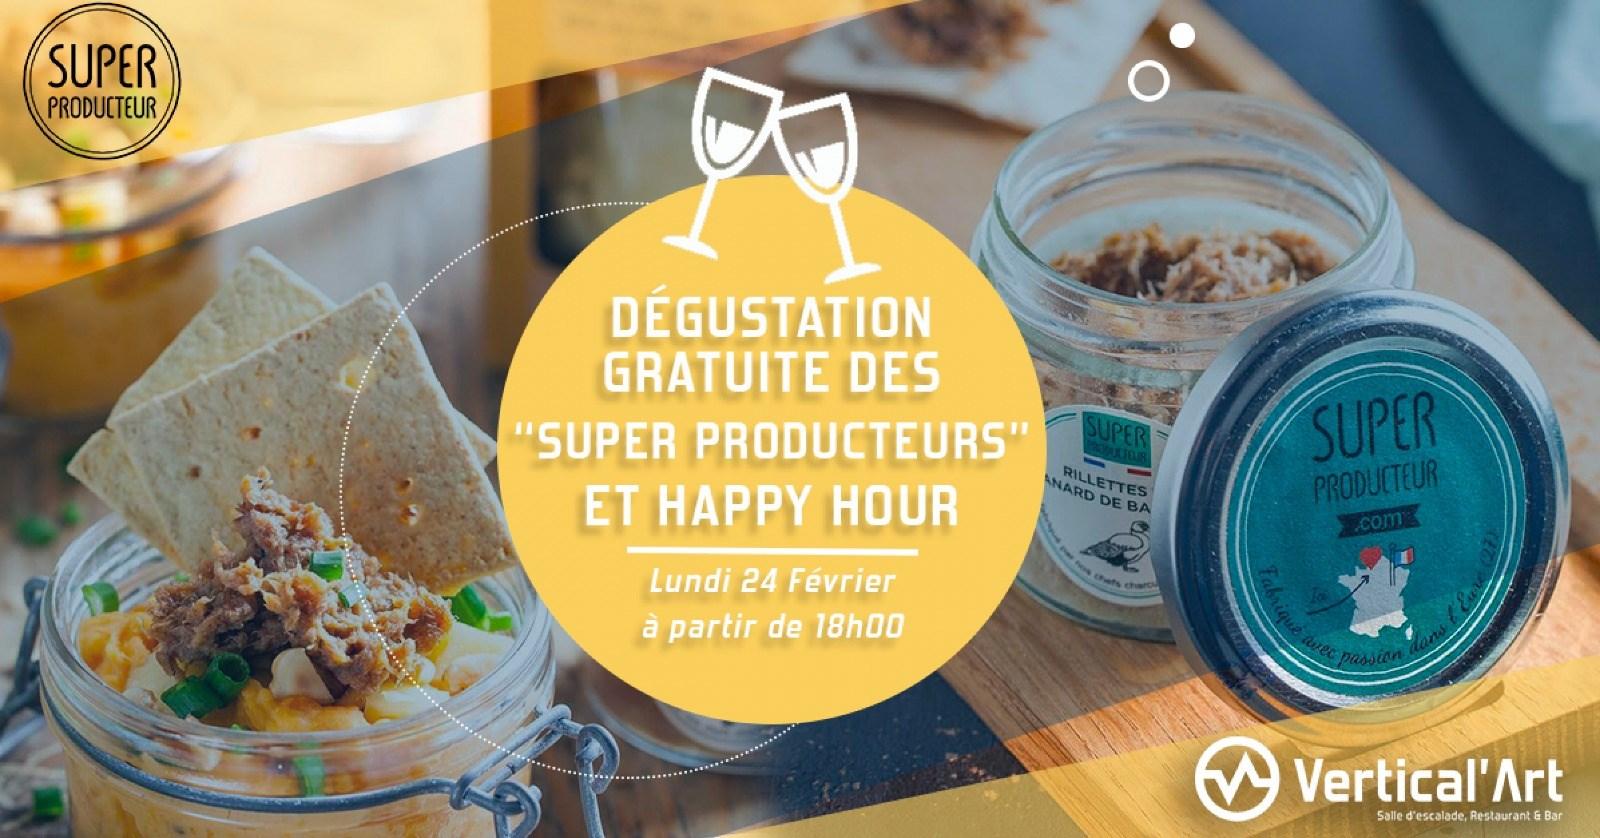 Vertical'art Rungis- Salle d'escalade de bloc - Val de Marne- Dégustation gratuite - Le superproducteur - Agriculture durable - Transition écologique - Restaurant bar